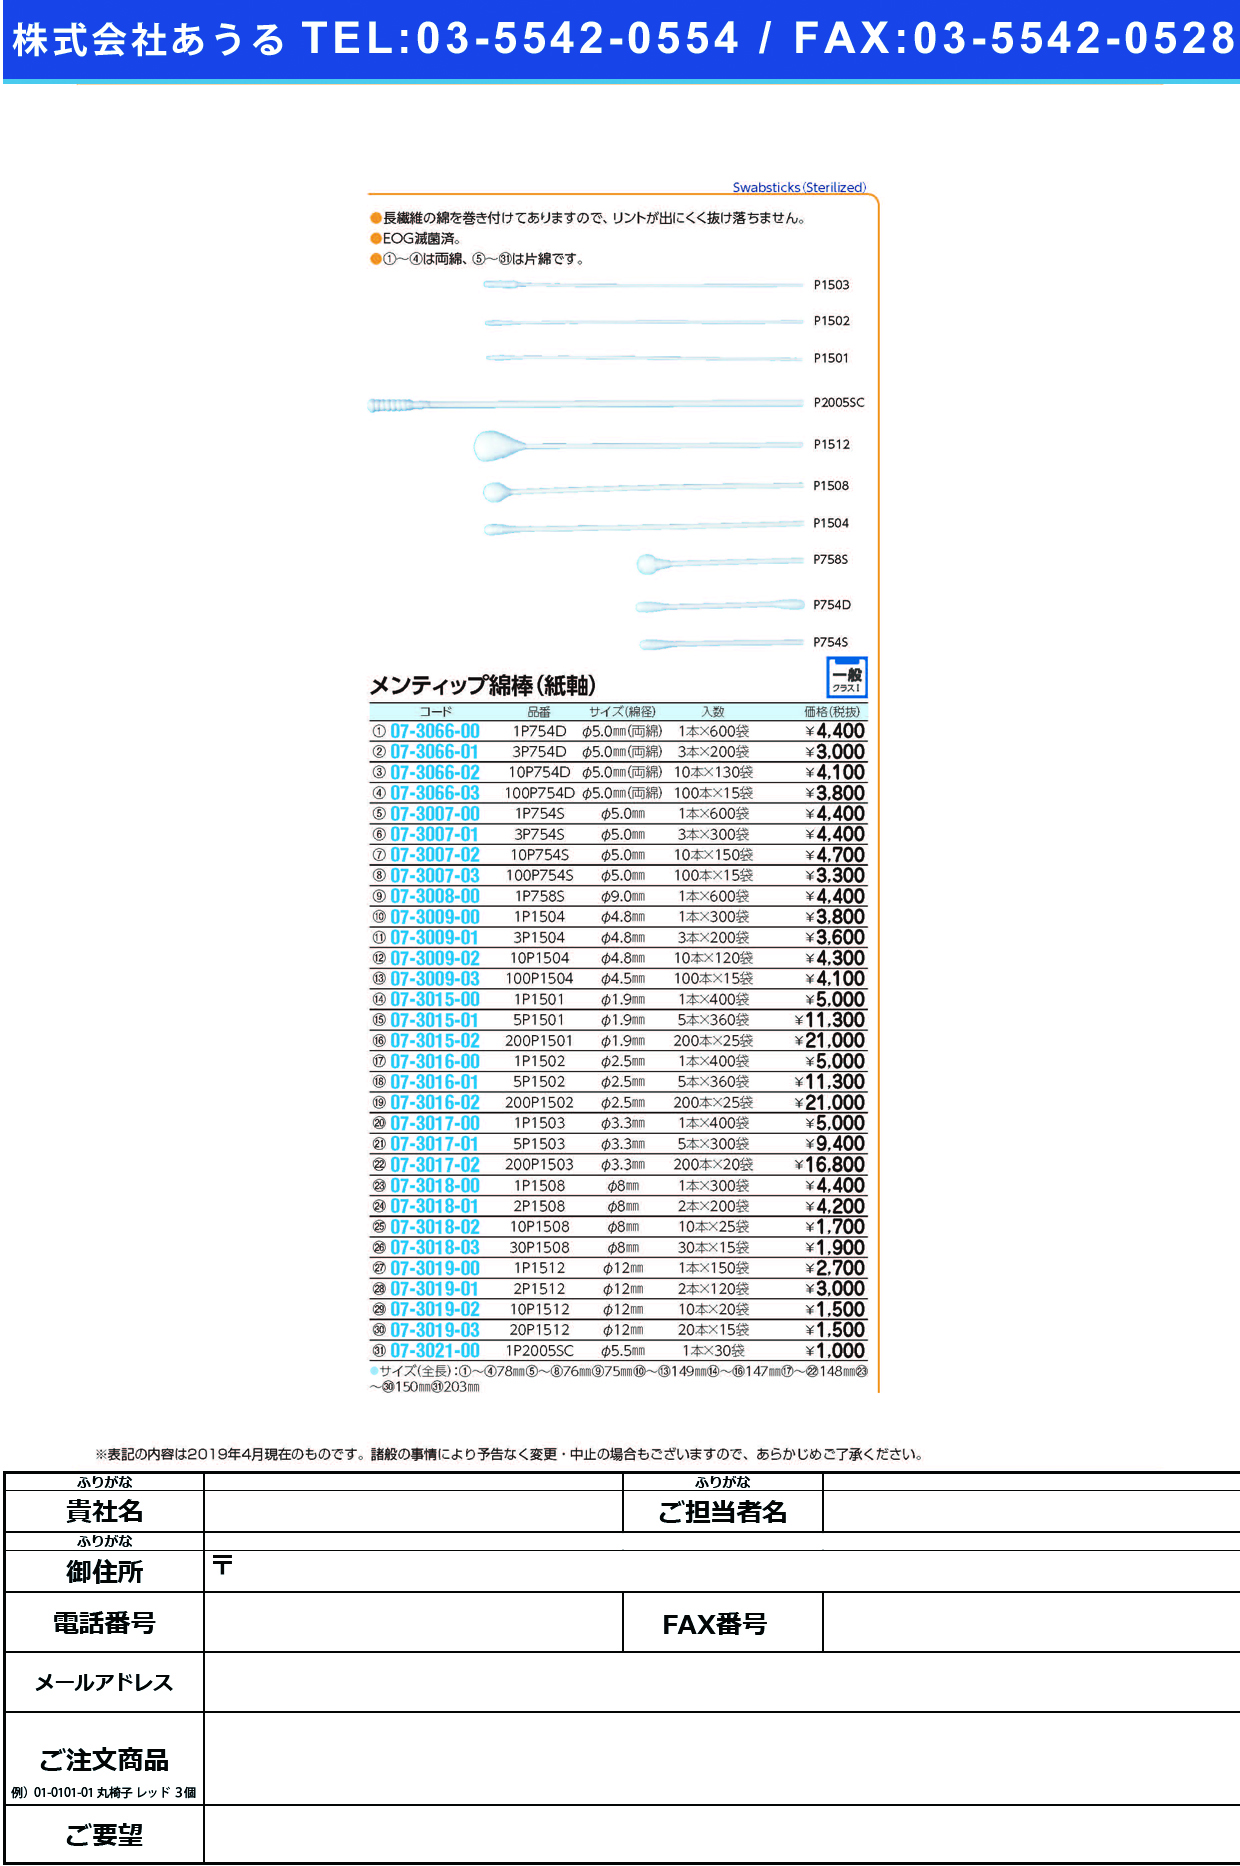 (07-3015-01)メンティップ綿棒 5P1501(5ホンX360フクロ) メンティップメンボウ(日本綿棒)【1箱単位】【2019年カタログ商品】